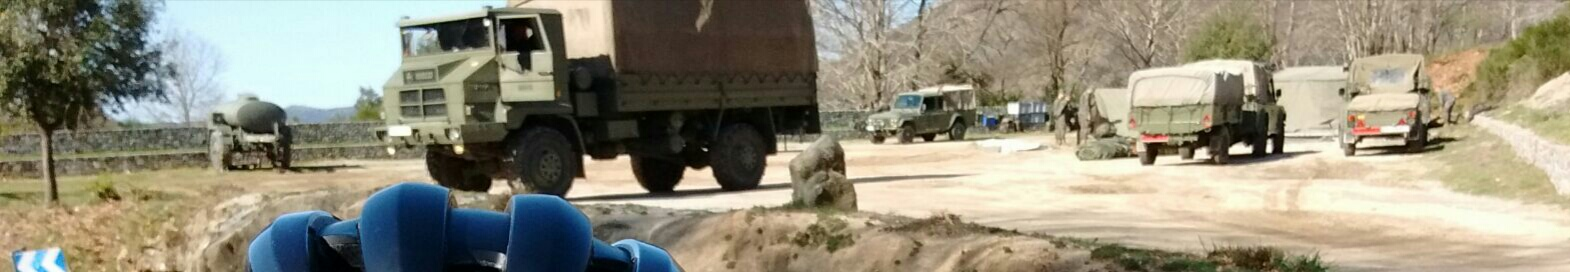 L'exèrcit a l'aparcament de les Farreres